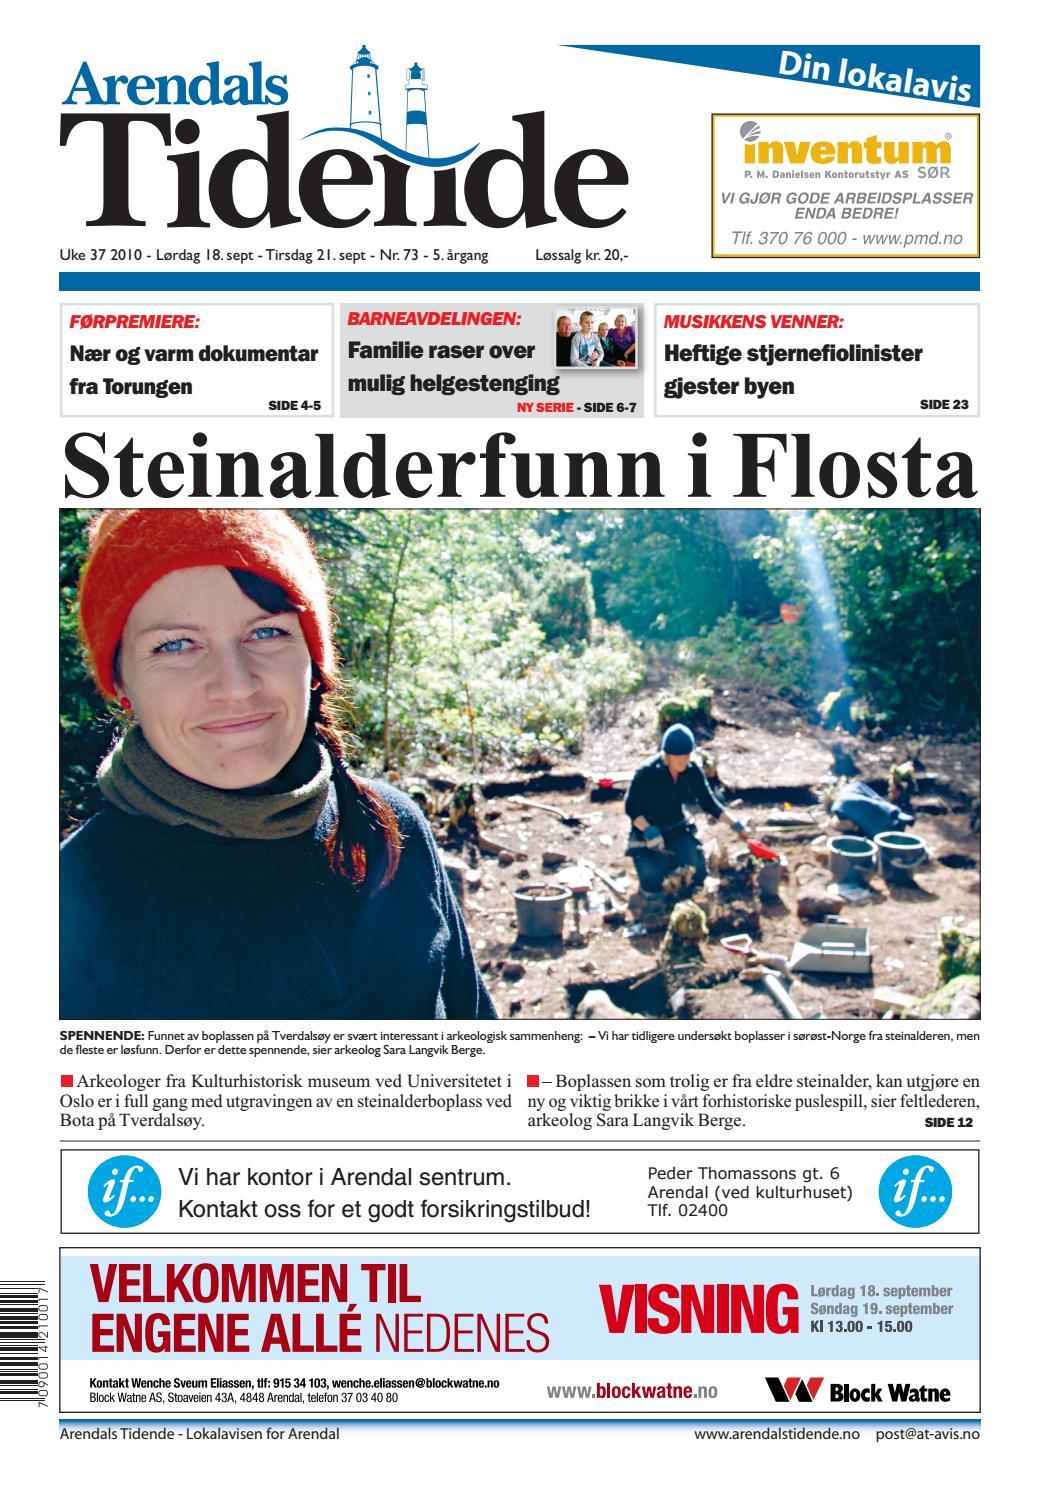 Massageskola stockholm kåt mogen kvinna